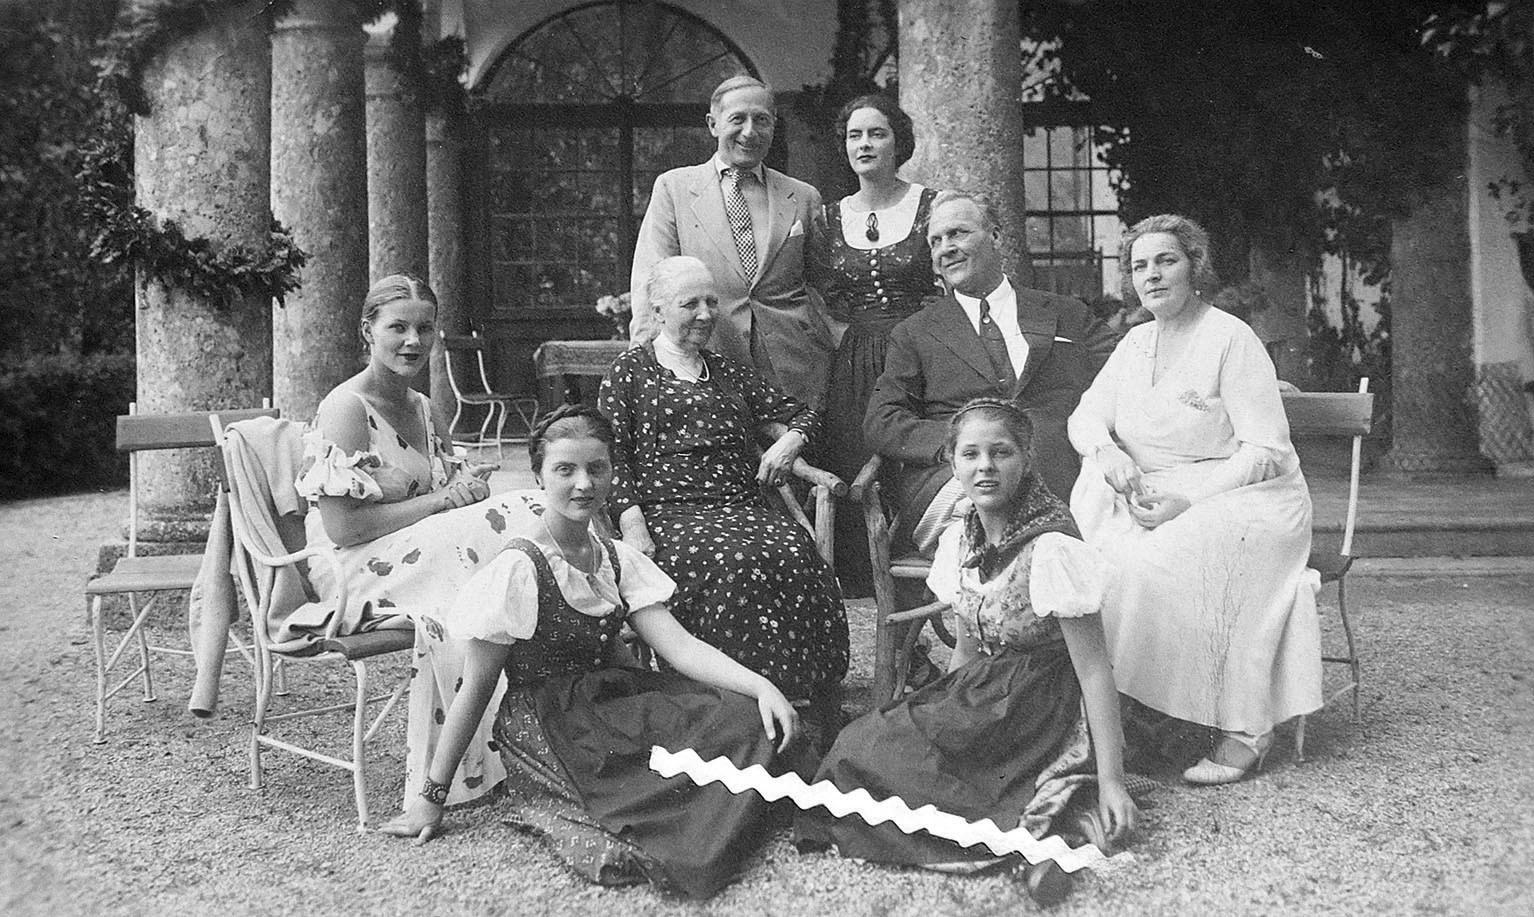 シャリャピン一家の写真、チロルにて、1934年